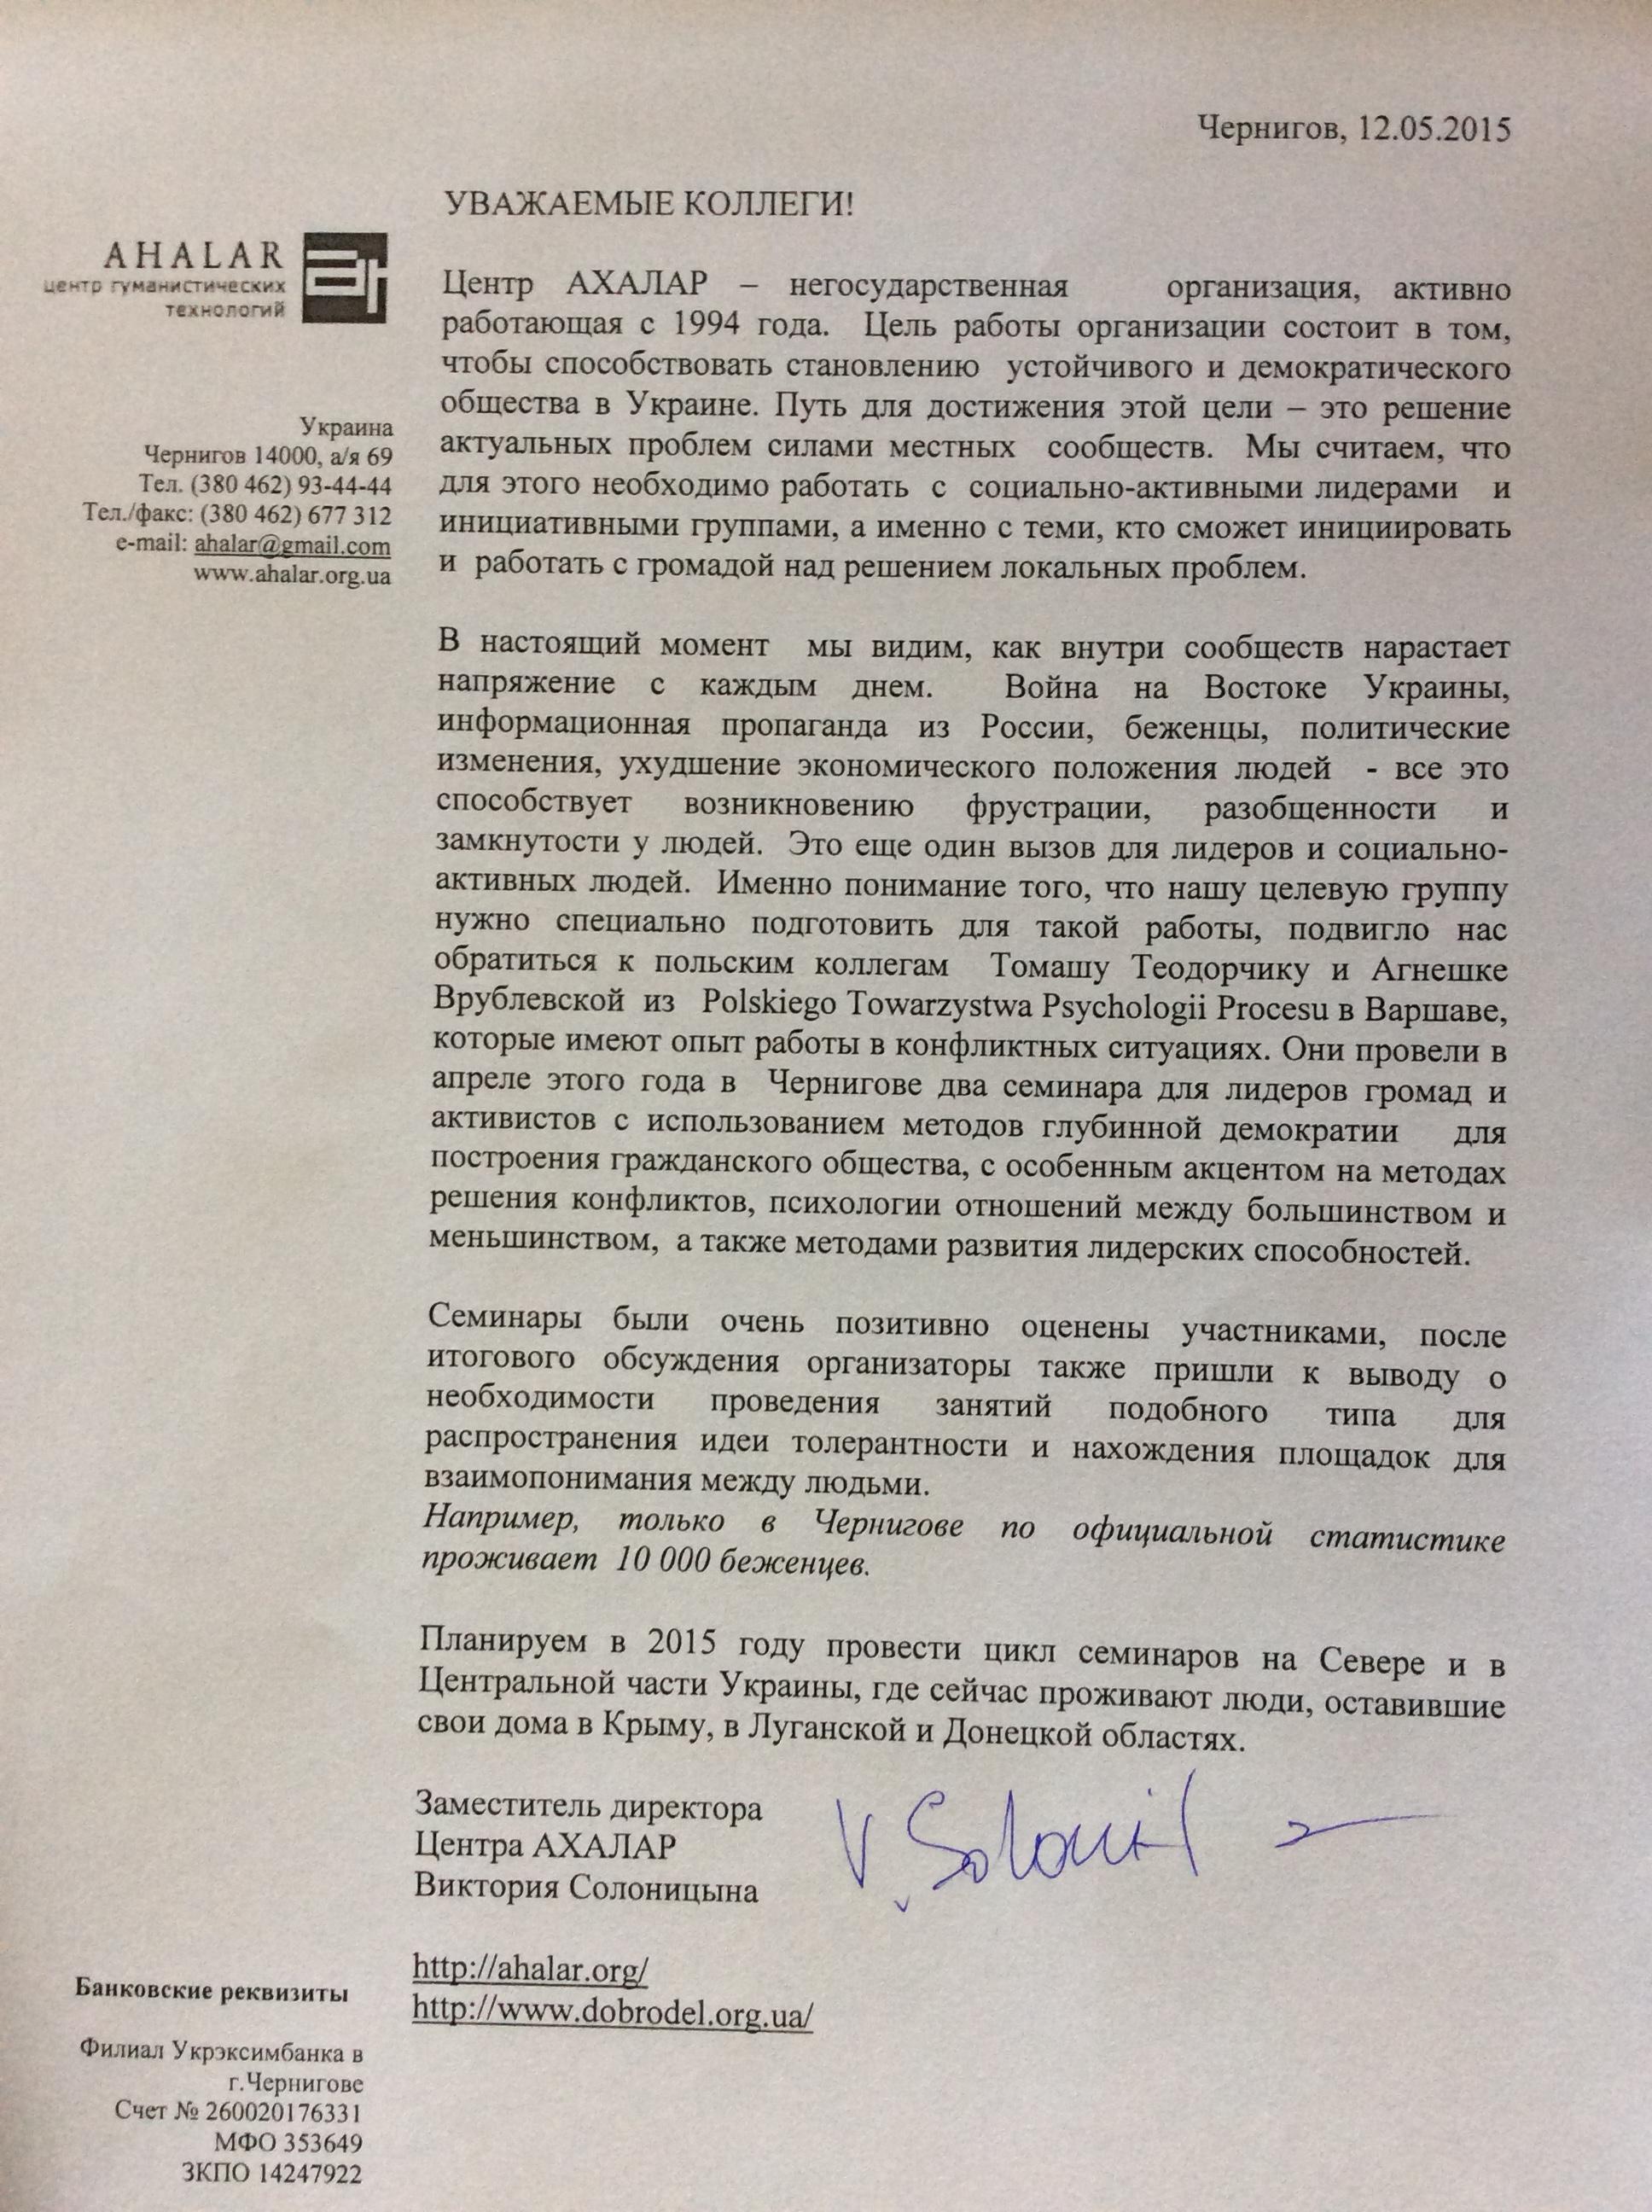 Projekt Ukraina – warsztaty głębokiej demokracji